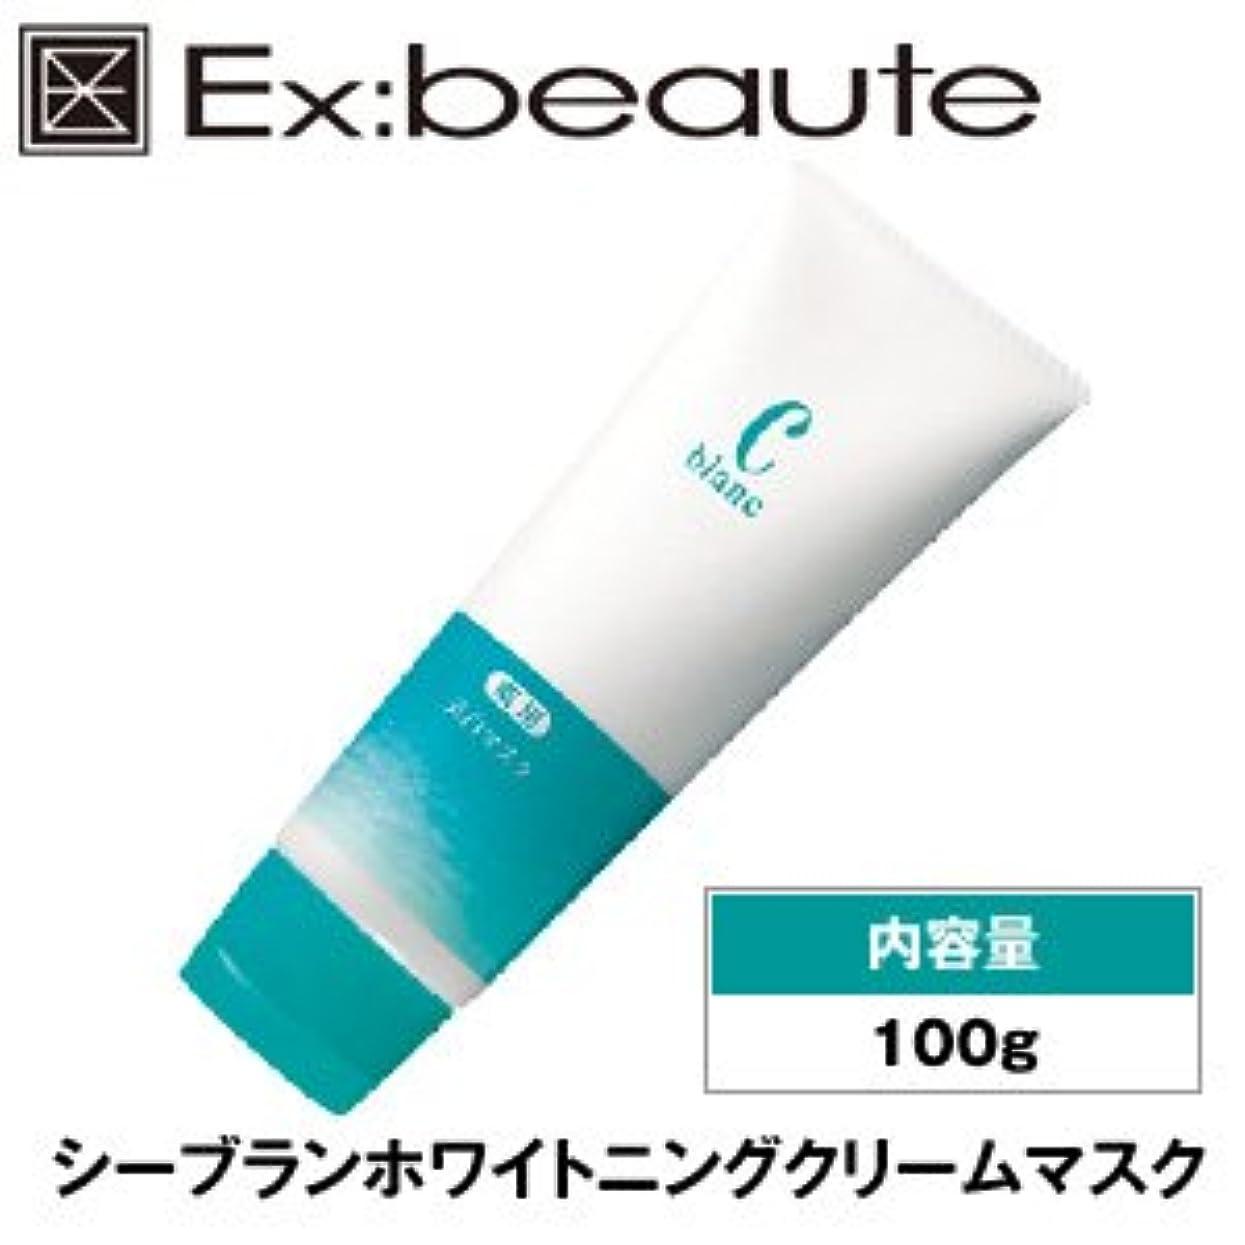 梨二寄稿者Ex:beaute (エクスボーテ) シーブラン ホワイトニングクリームマスク